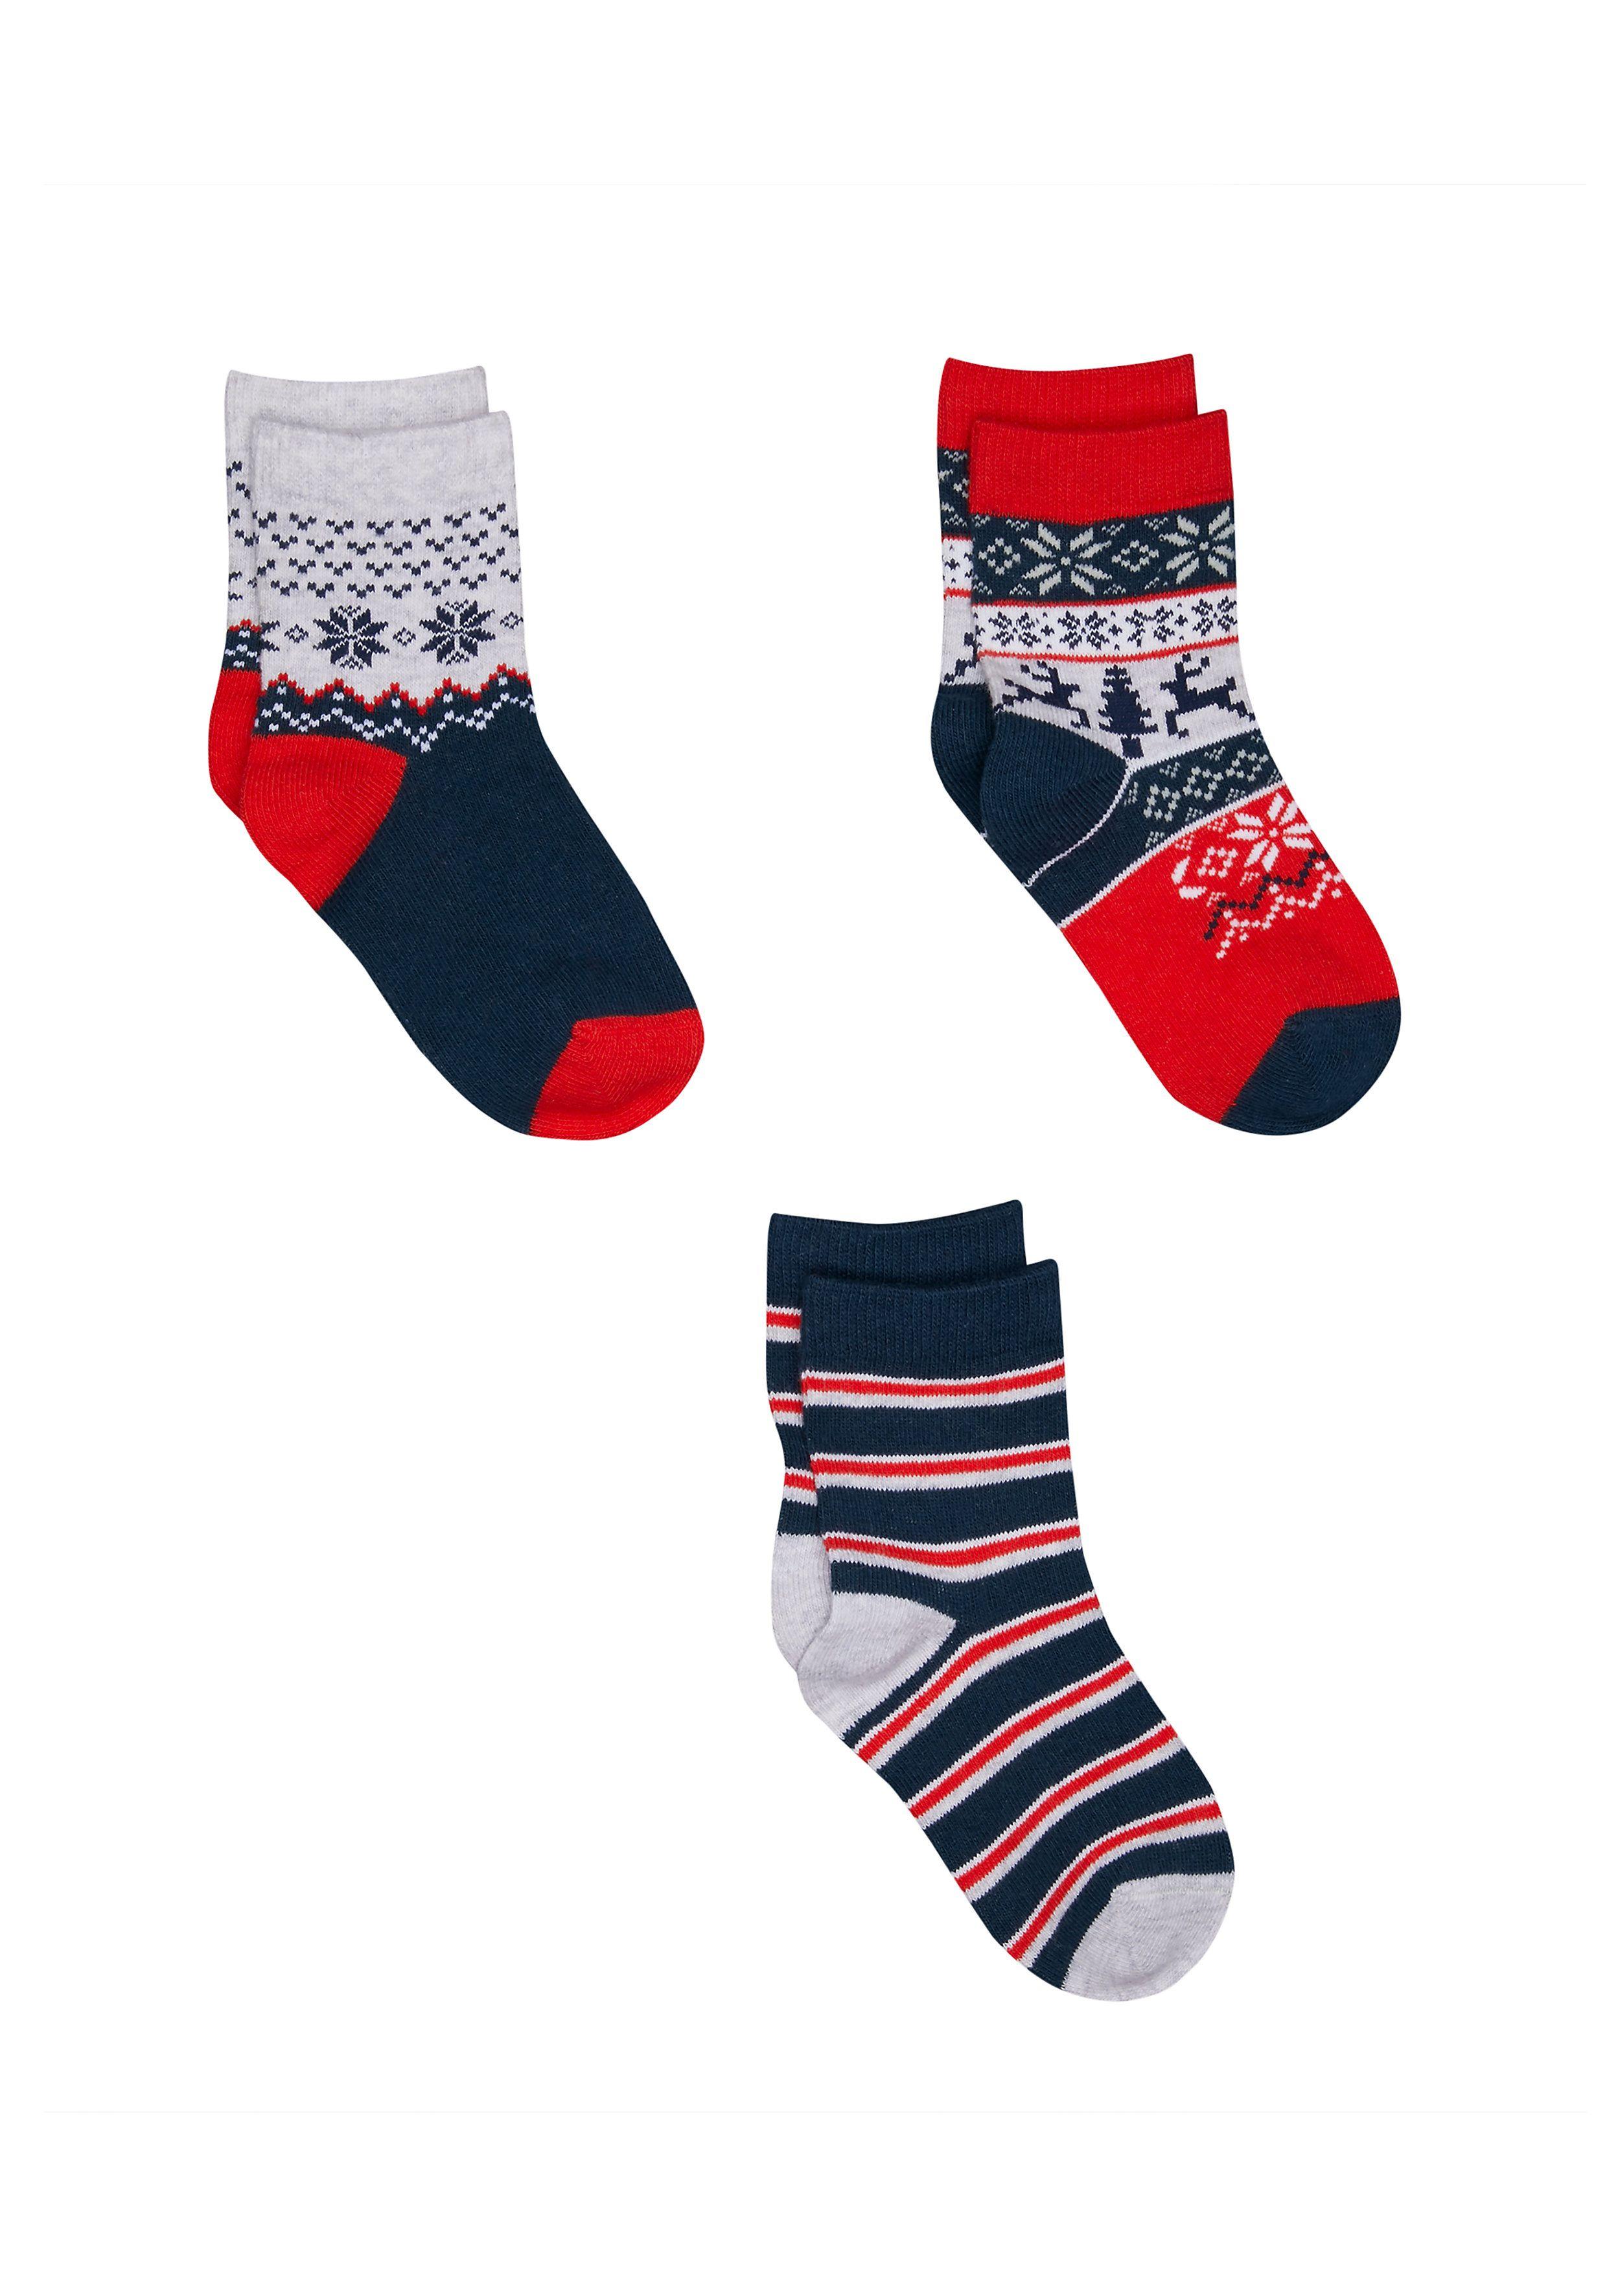 Mothercare | Boys Fairisle Socks - 3 Pack - Red